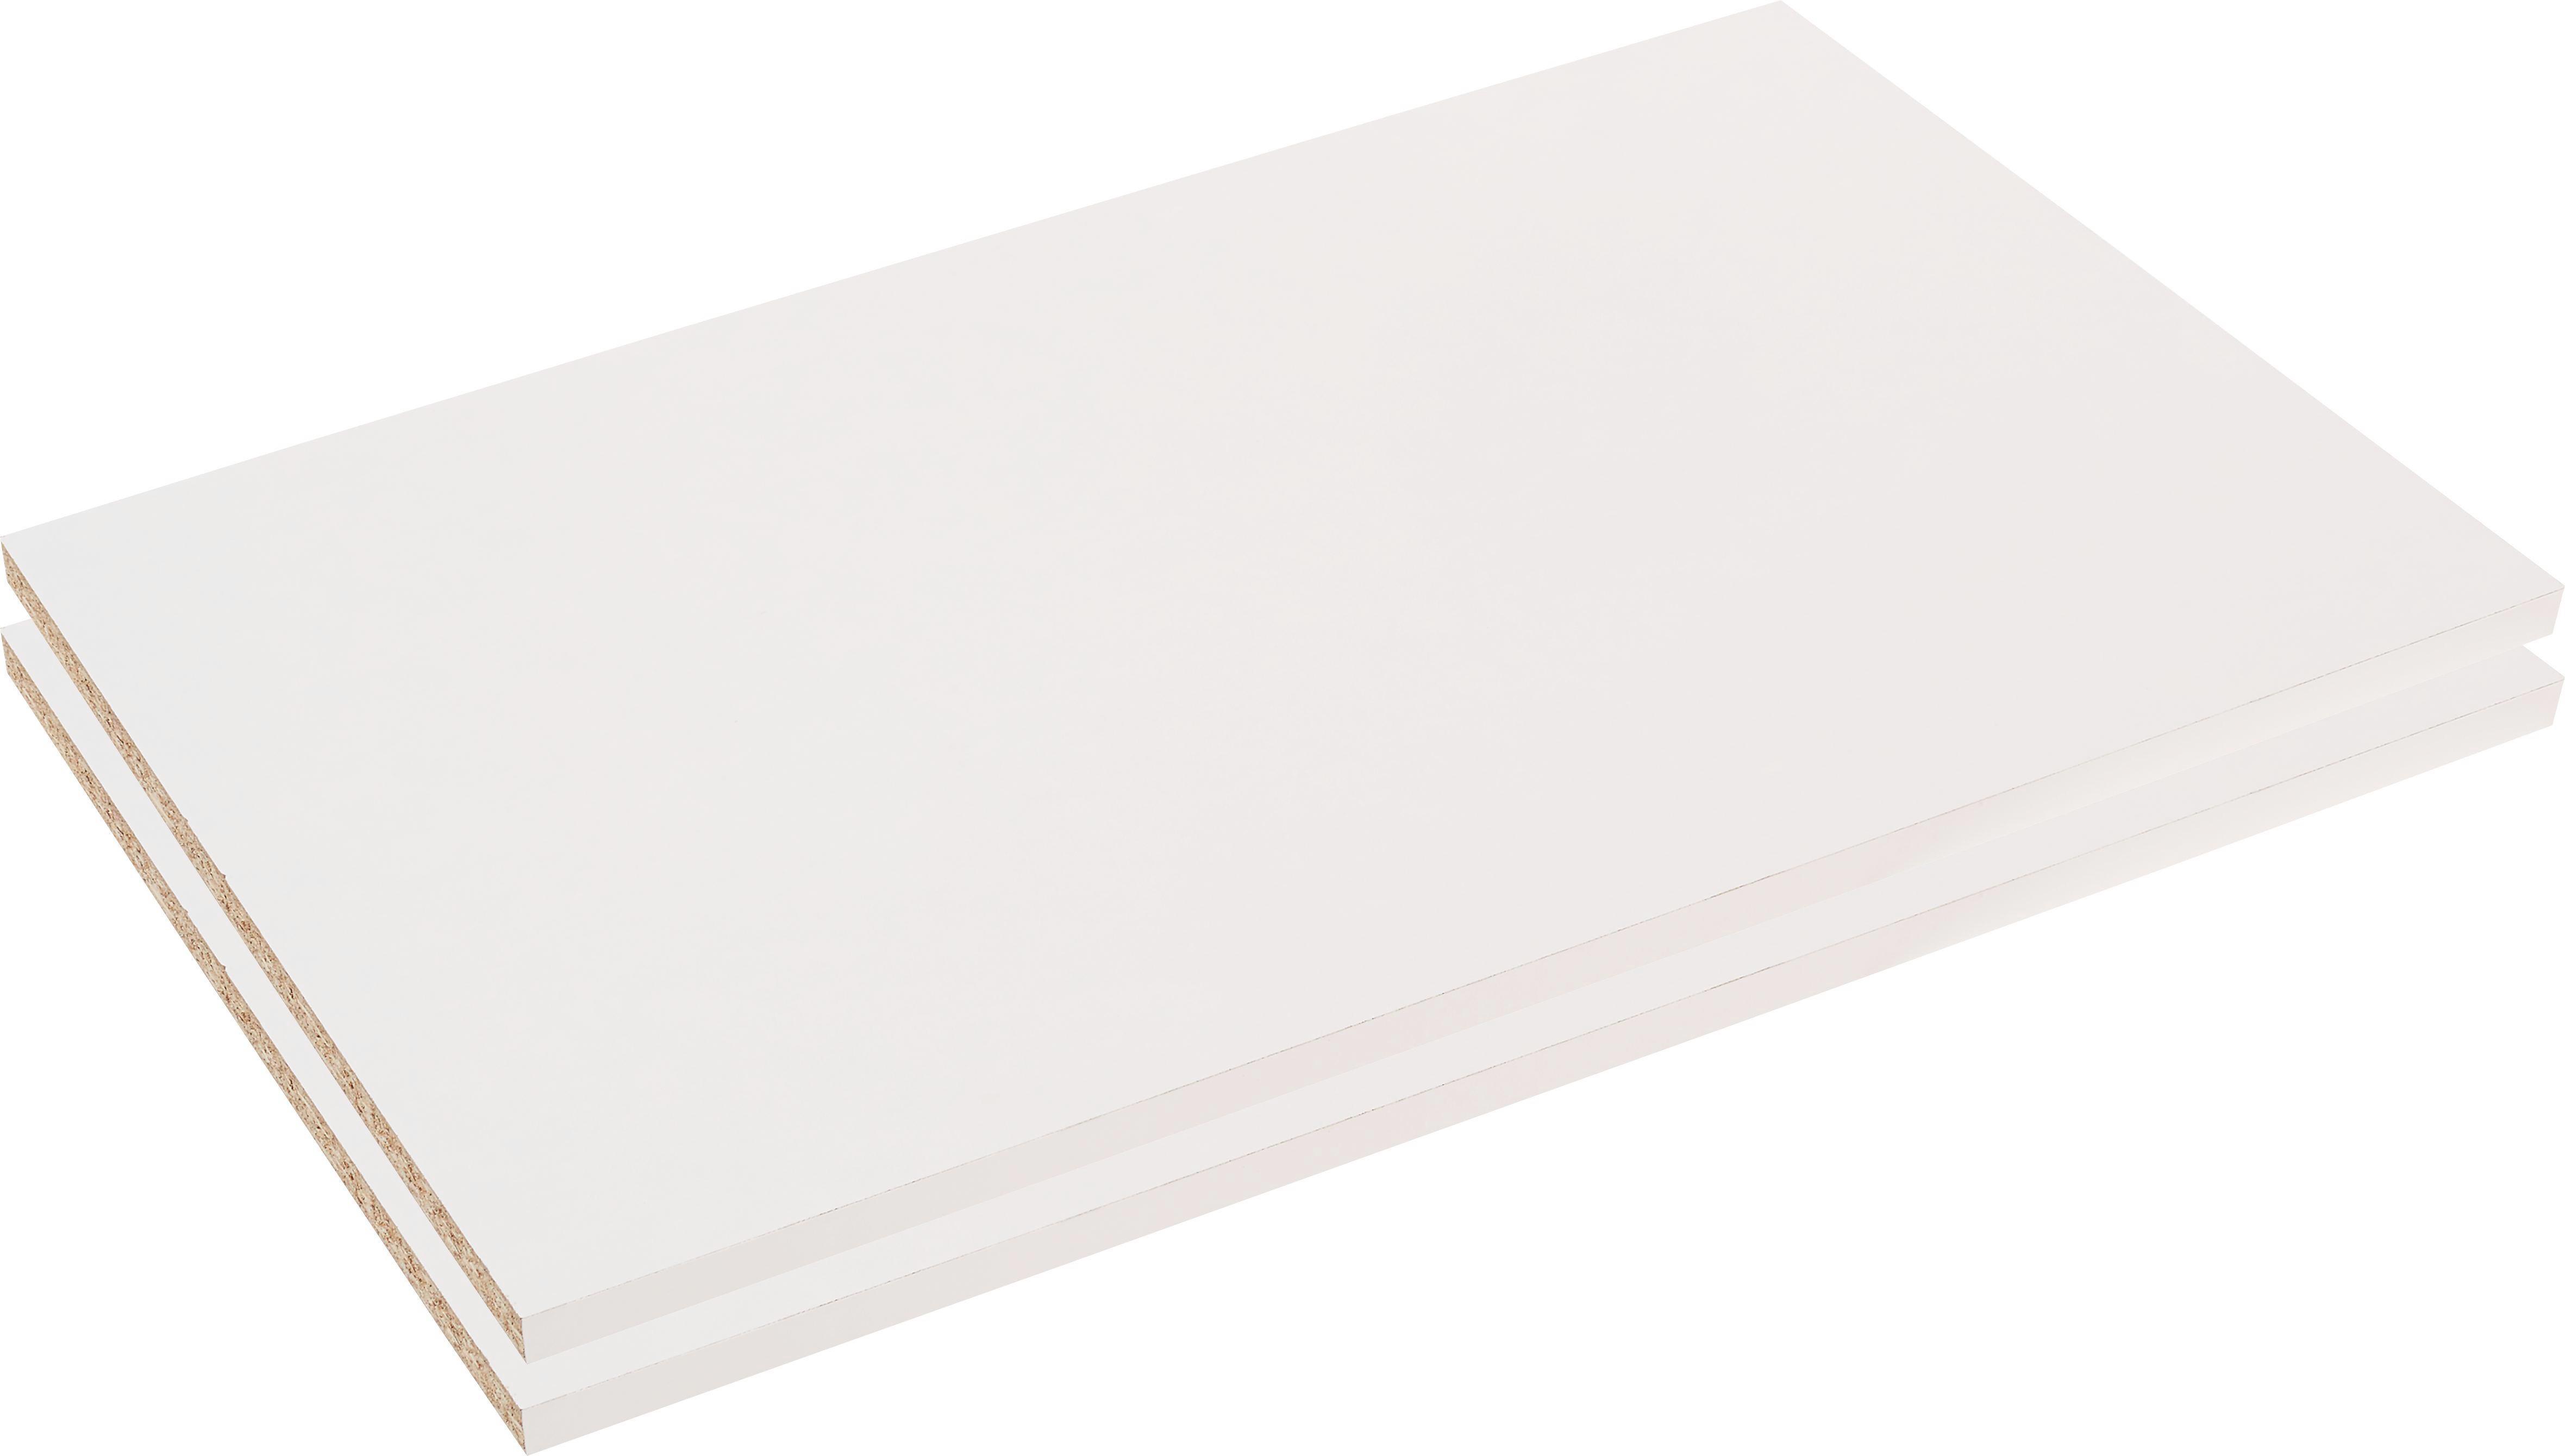 Sada Vkládacích Polic Julia/dandy/milano/asti - bílá, Moderní, dřevo (83/2,2/48cm)